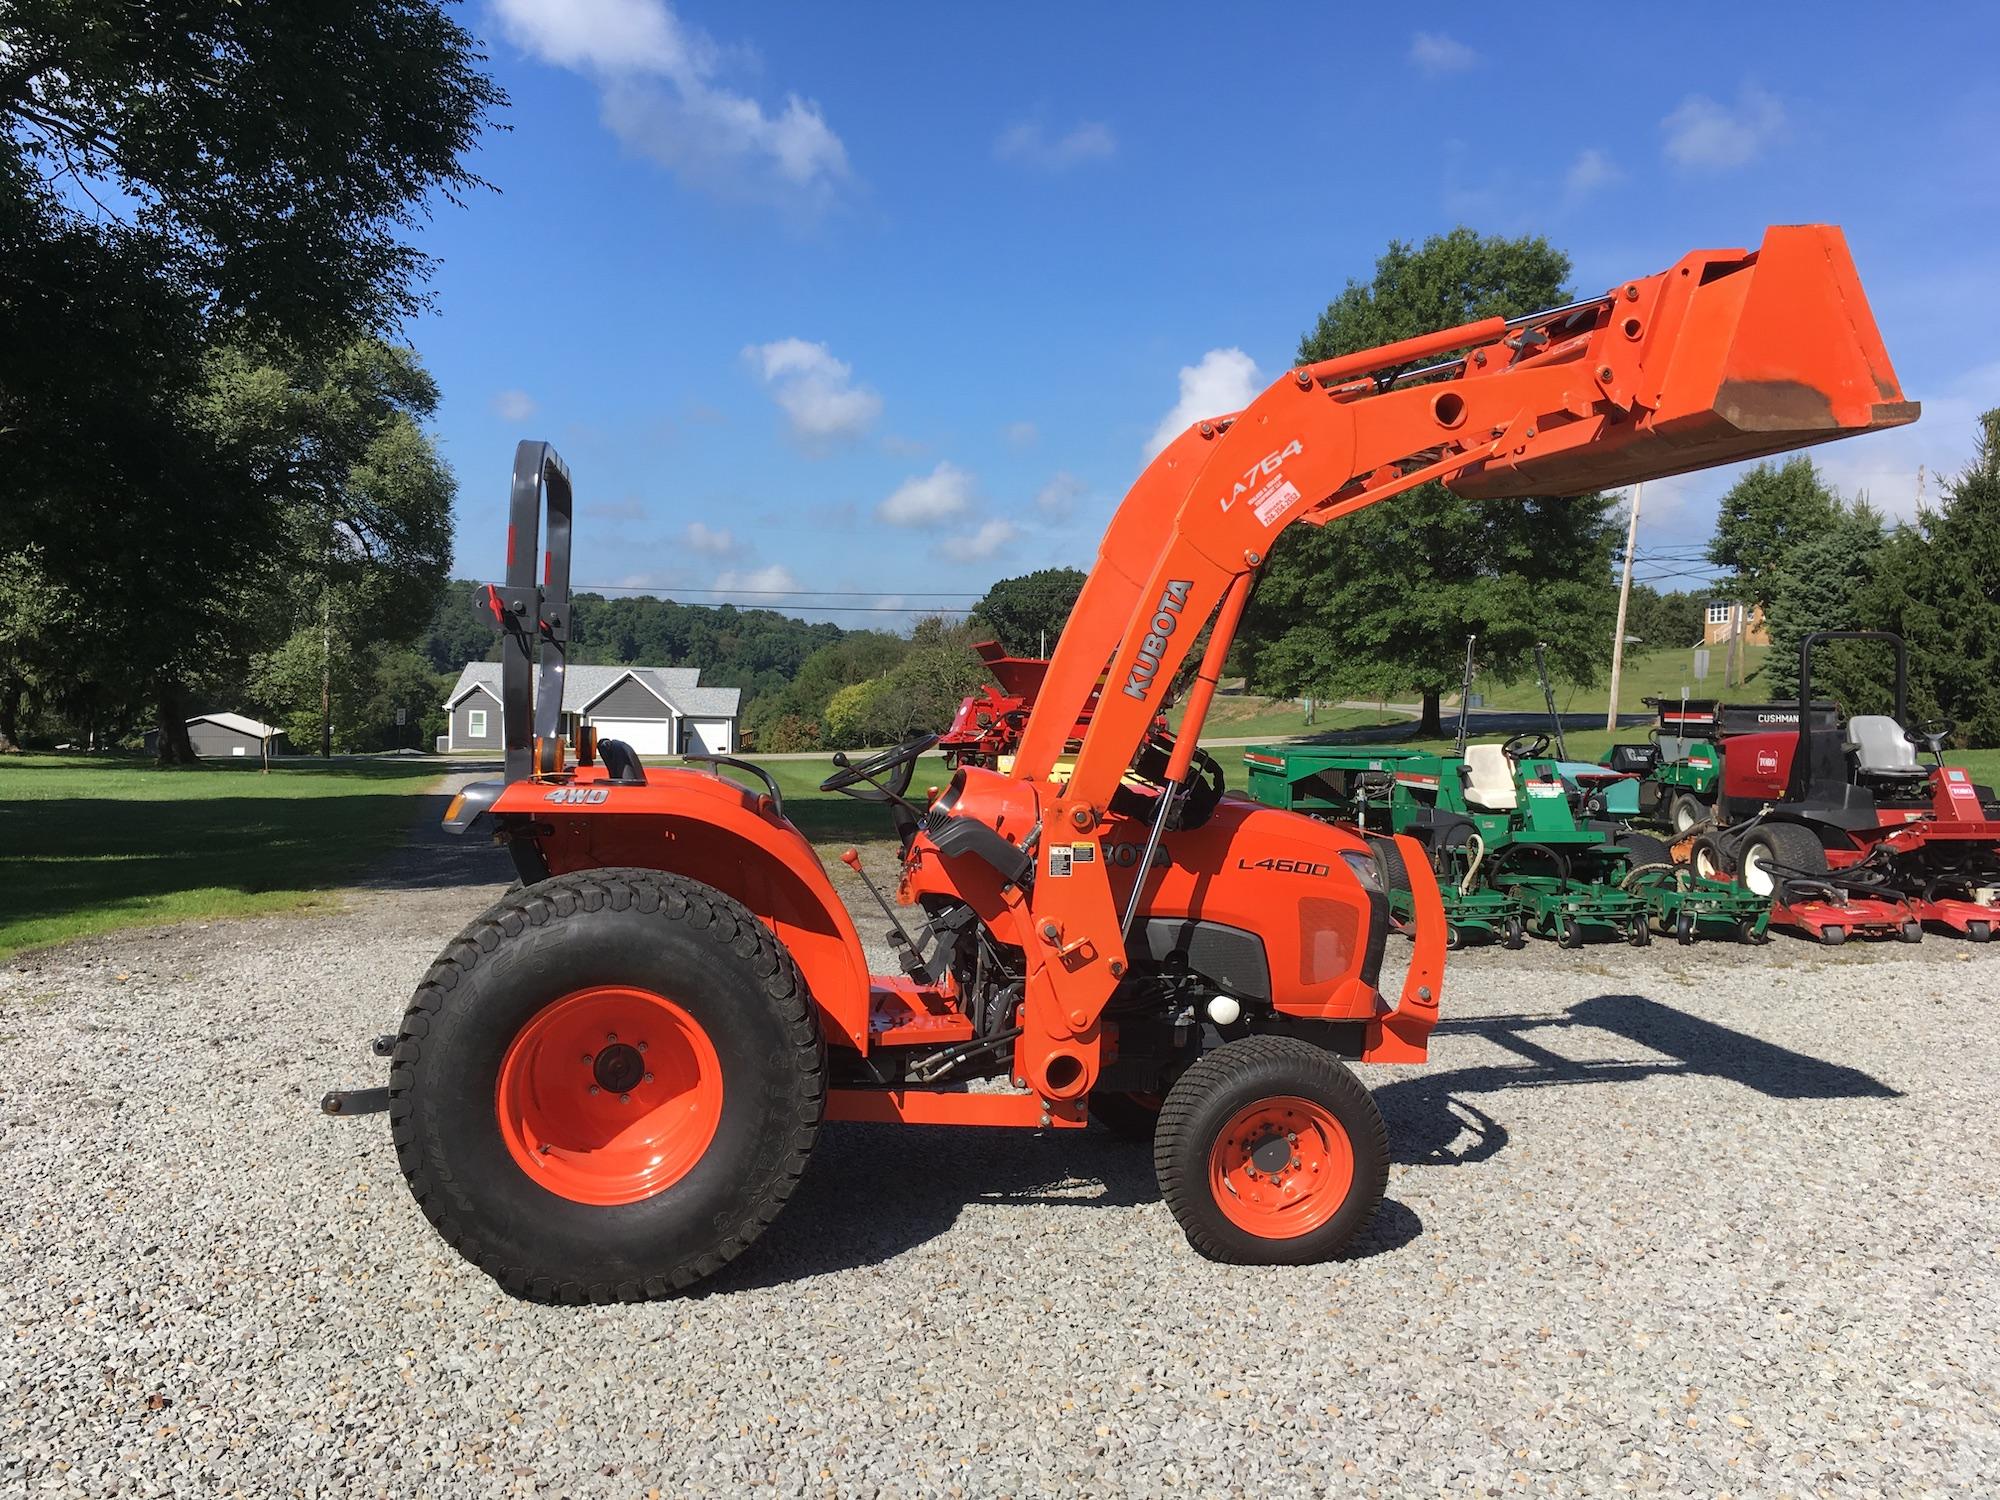 Kubota-L4600-4WD-Tractor-Loader-02